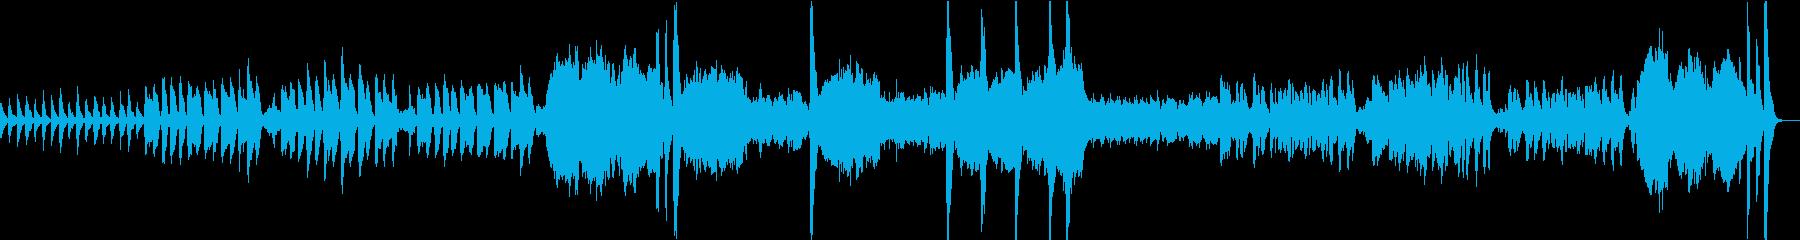 ホラーテイストのオーケストラの再生済みの波形